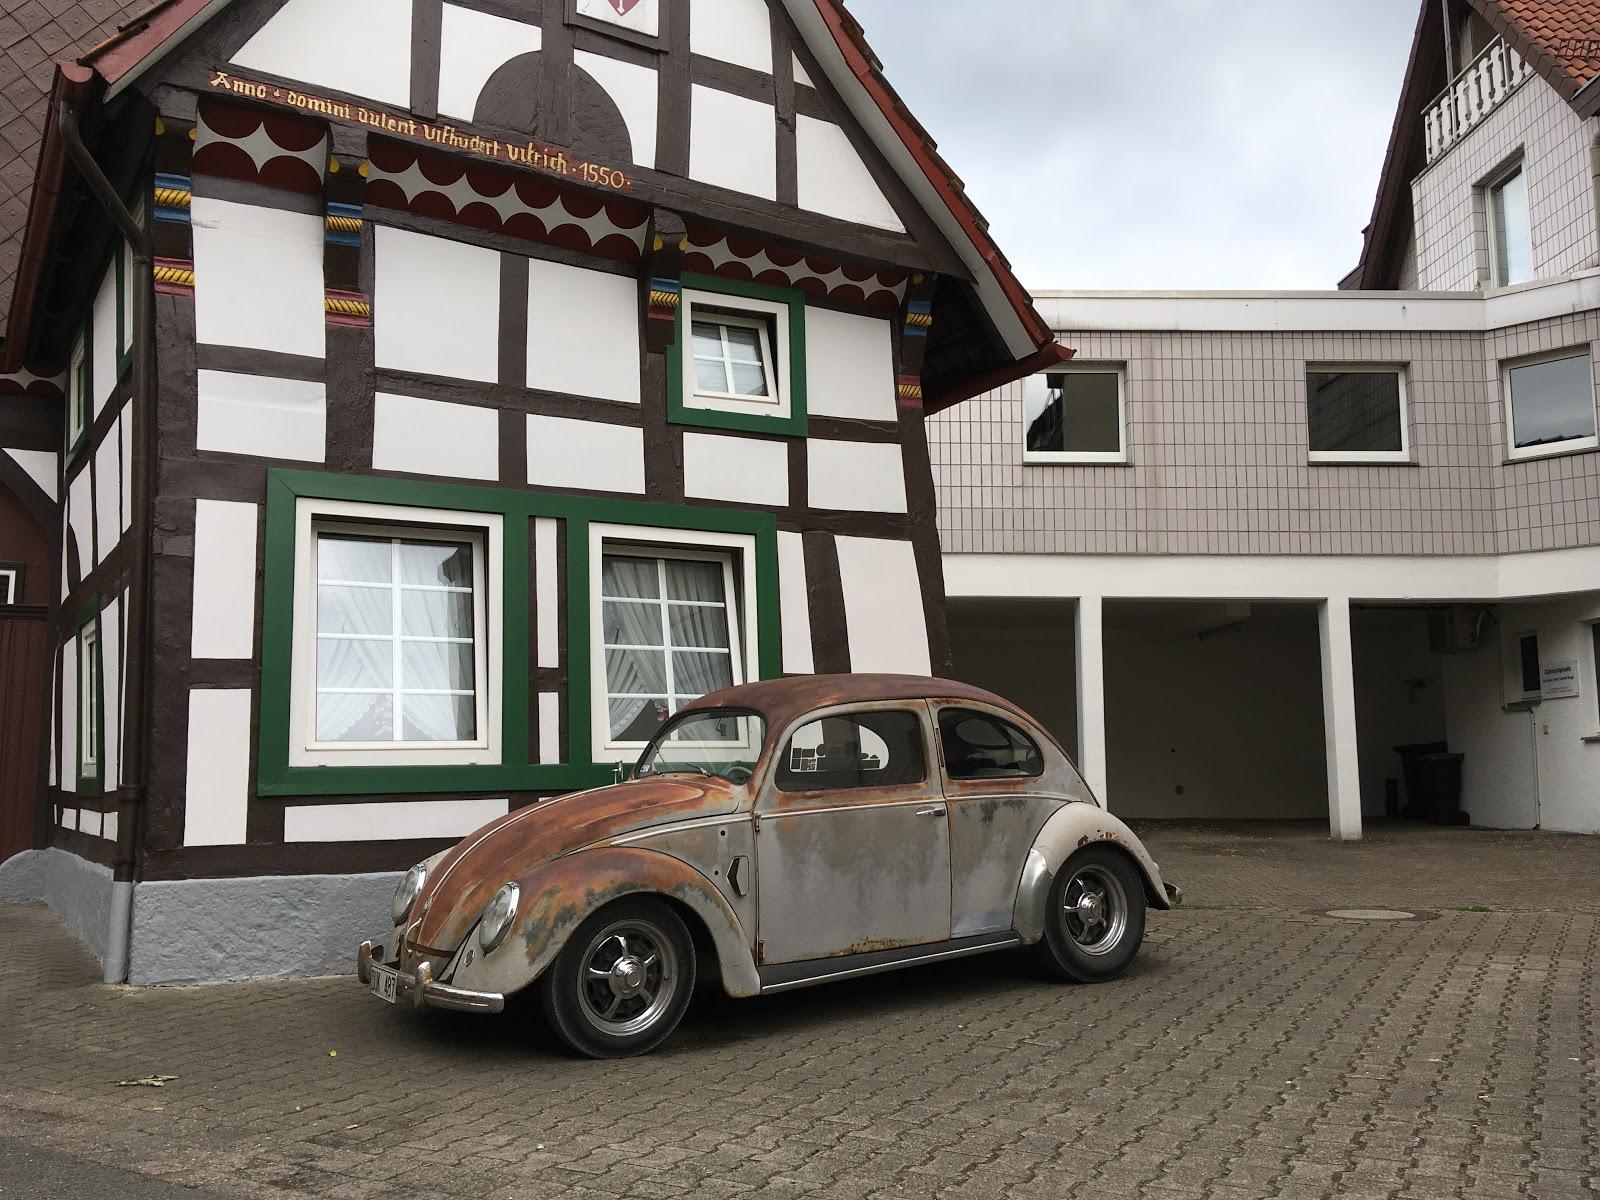 Ziemlich Vintage Vw Schaltpläne Ideen - Der Schaltplan - greigo.com